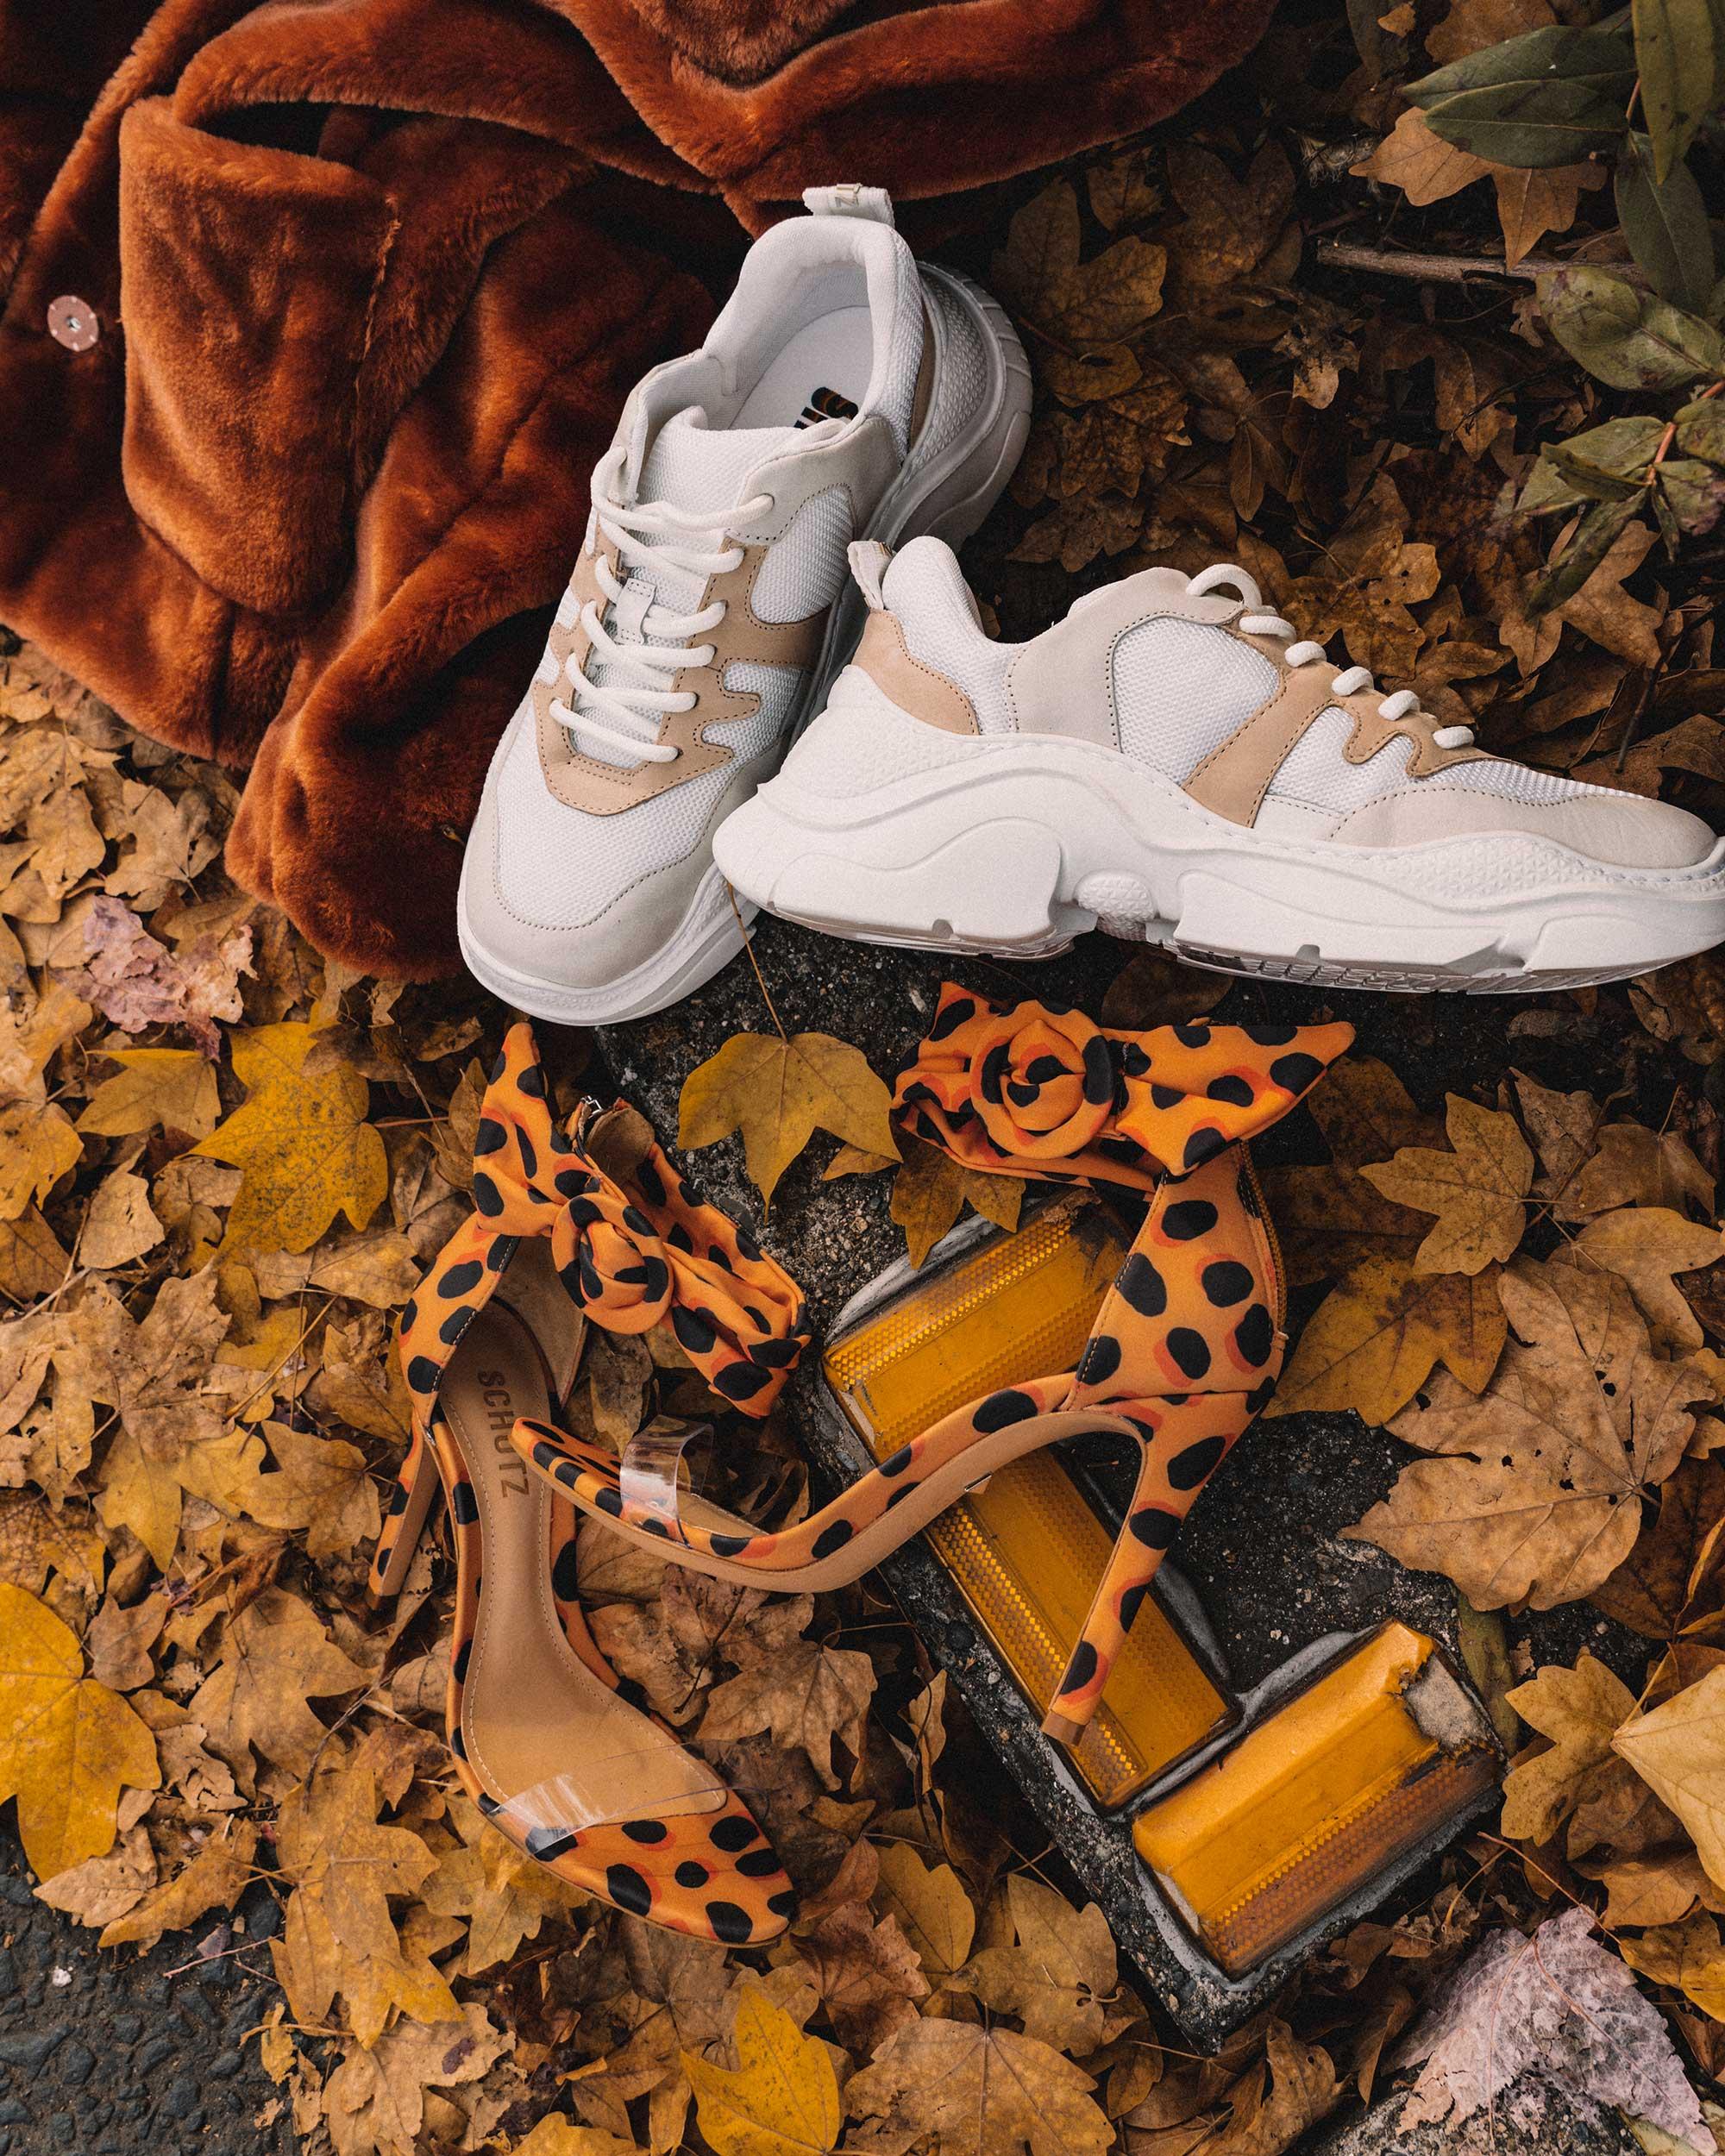 Schutz Shoes Jackye Chunky Sneaker and Schutz Shoes S-Vall High Heel Wild Dot Leopar Print Sandals .jpg